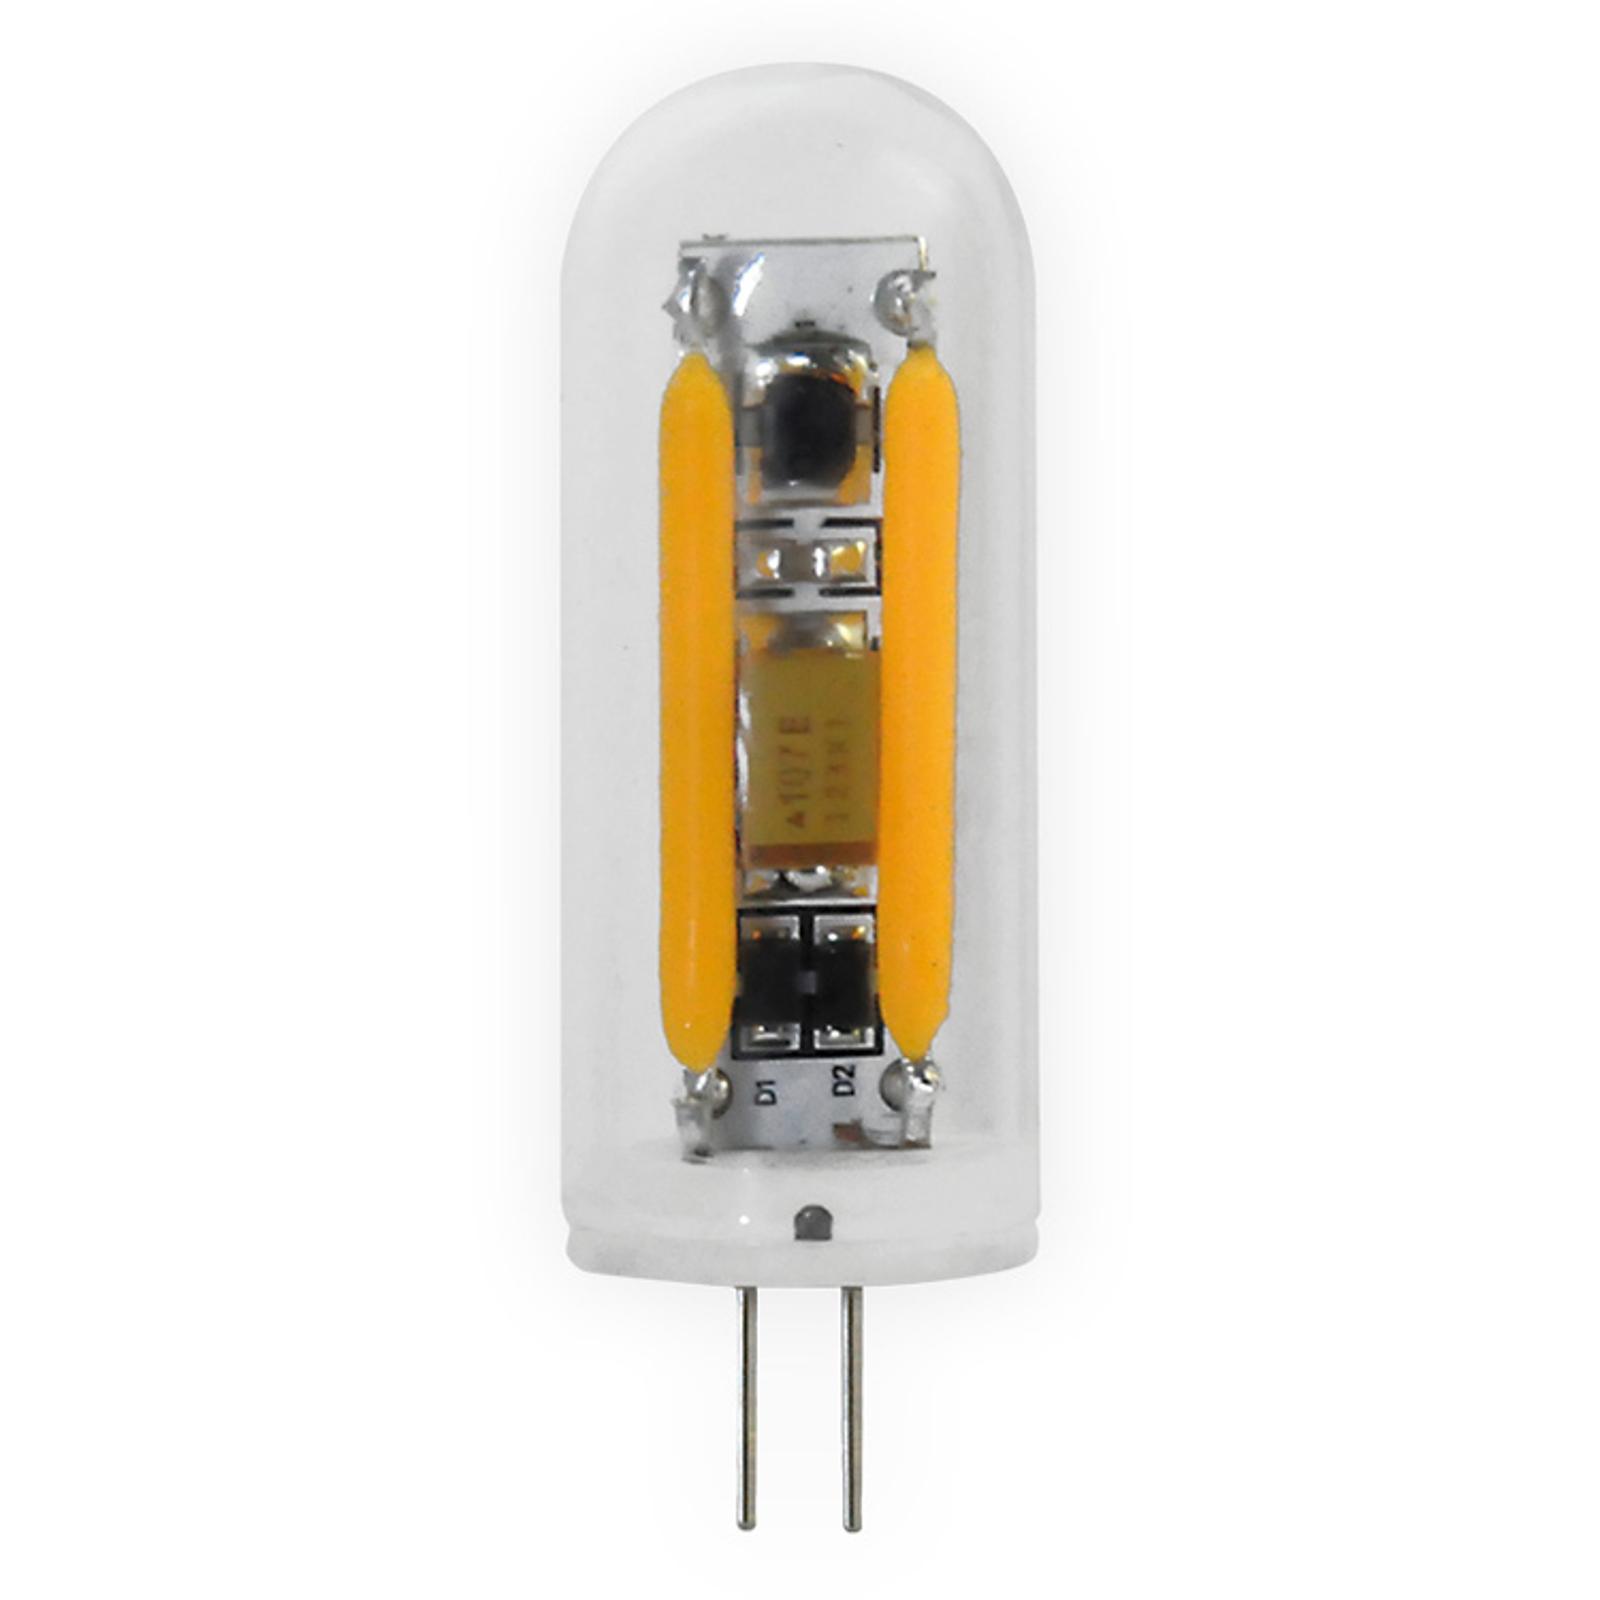 Ampoule à broches LED G4 2W 926, transparente